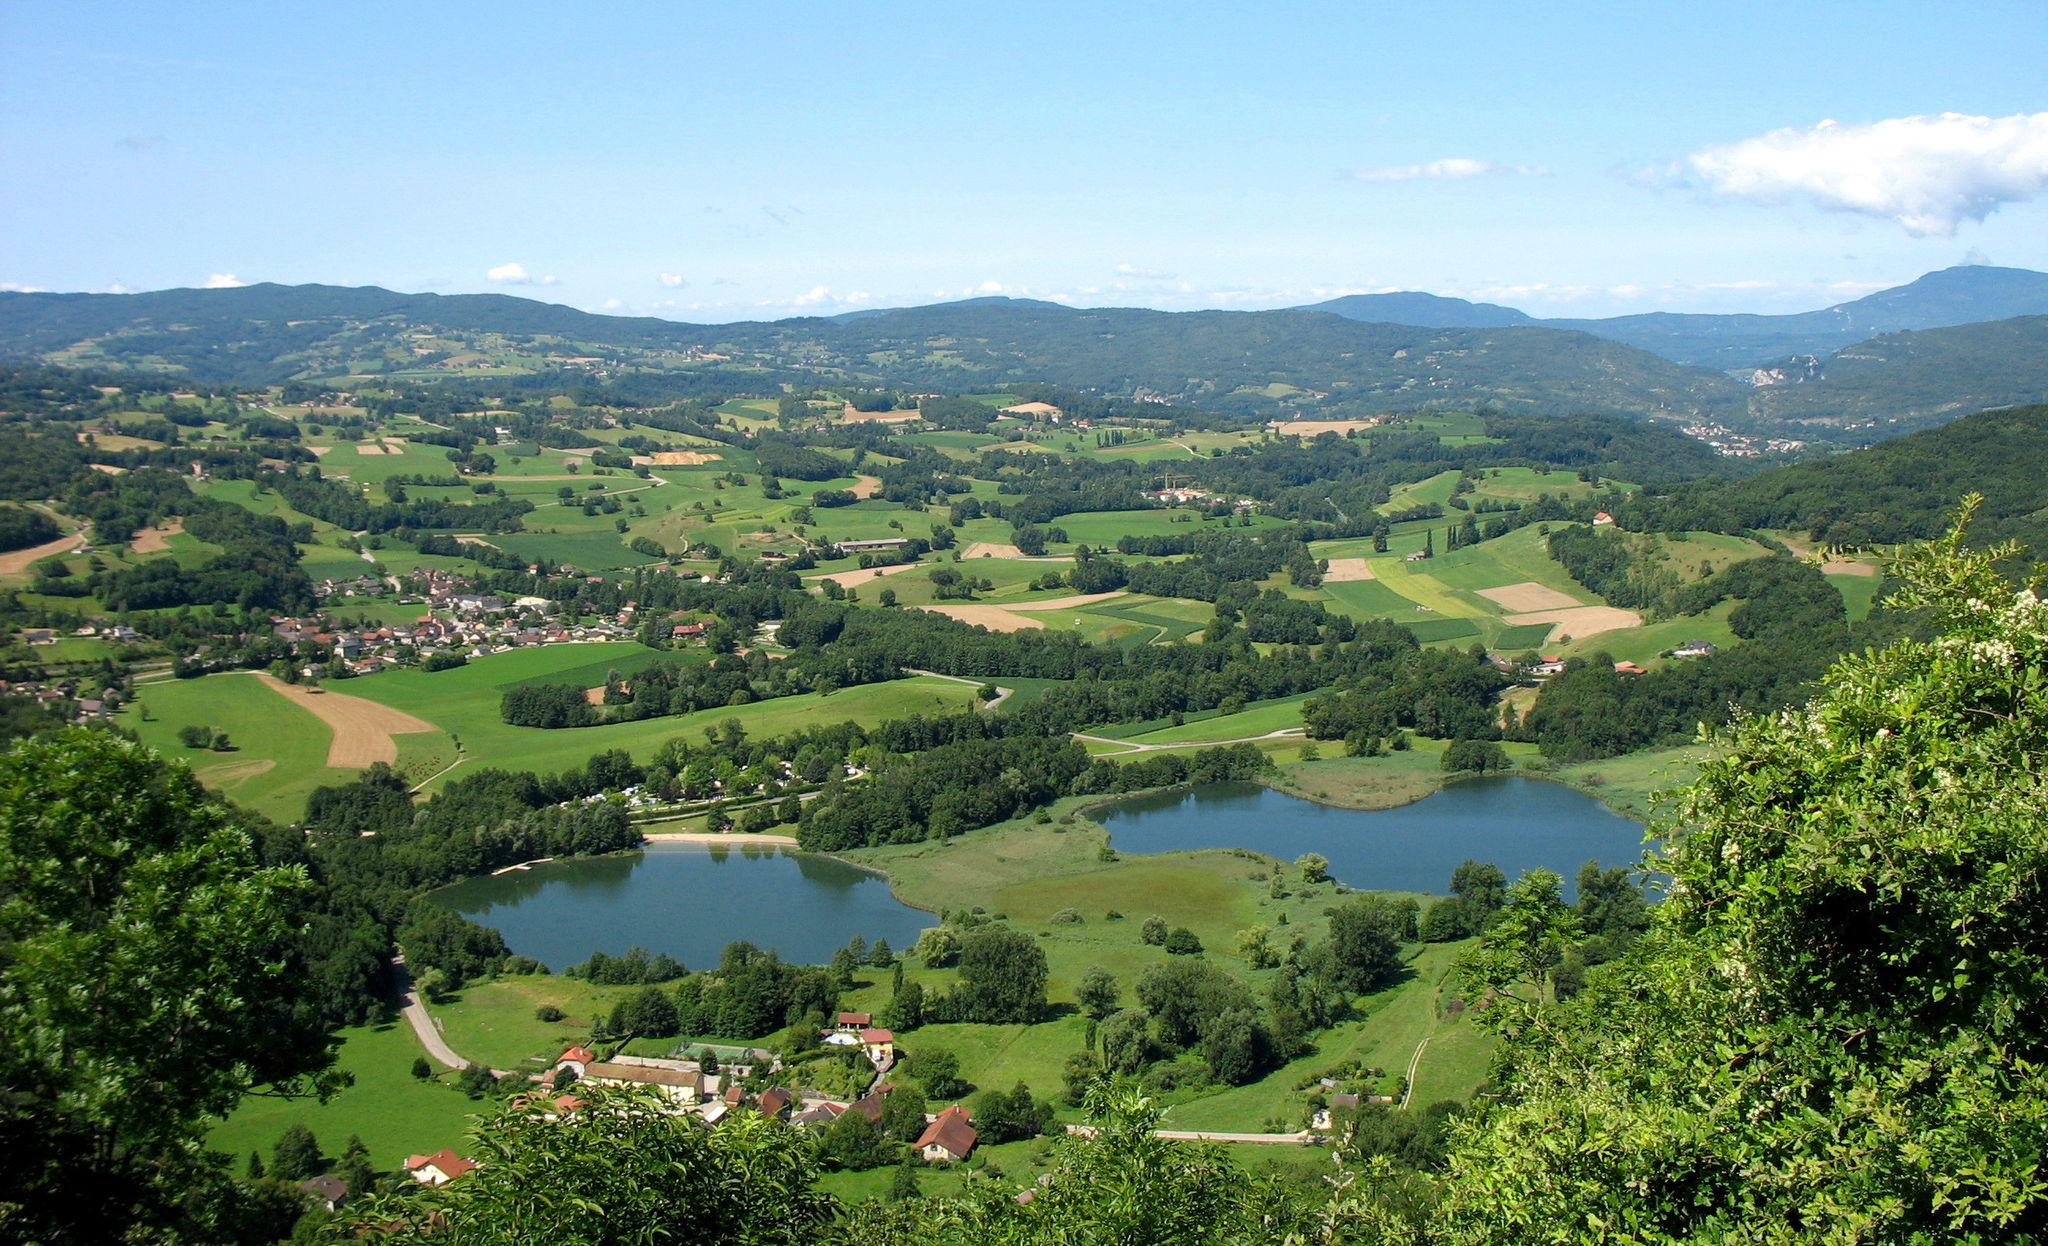 GC62W0Q St Jean de Chevelu et ses lacs !!! (Earthcache) in Rhône.